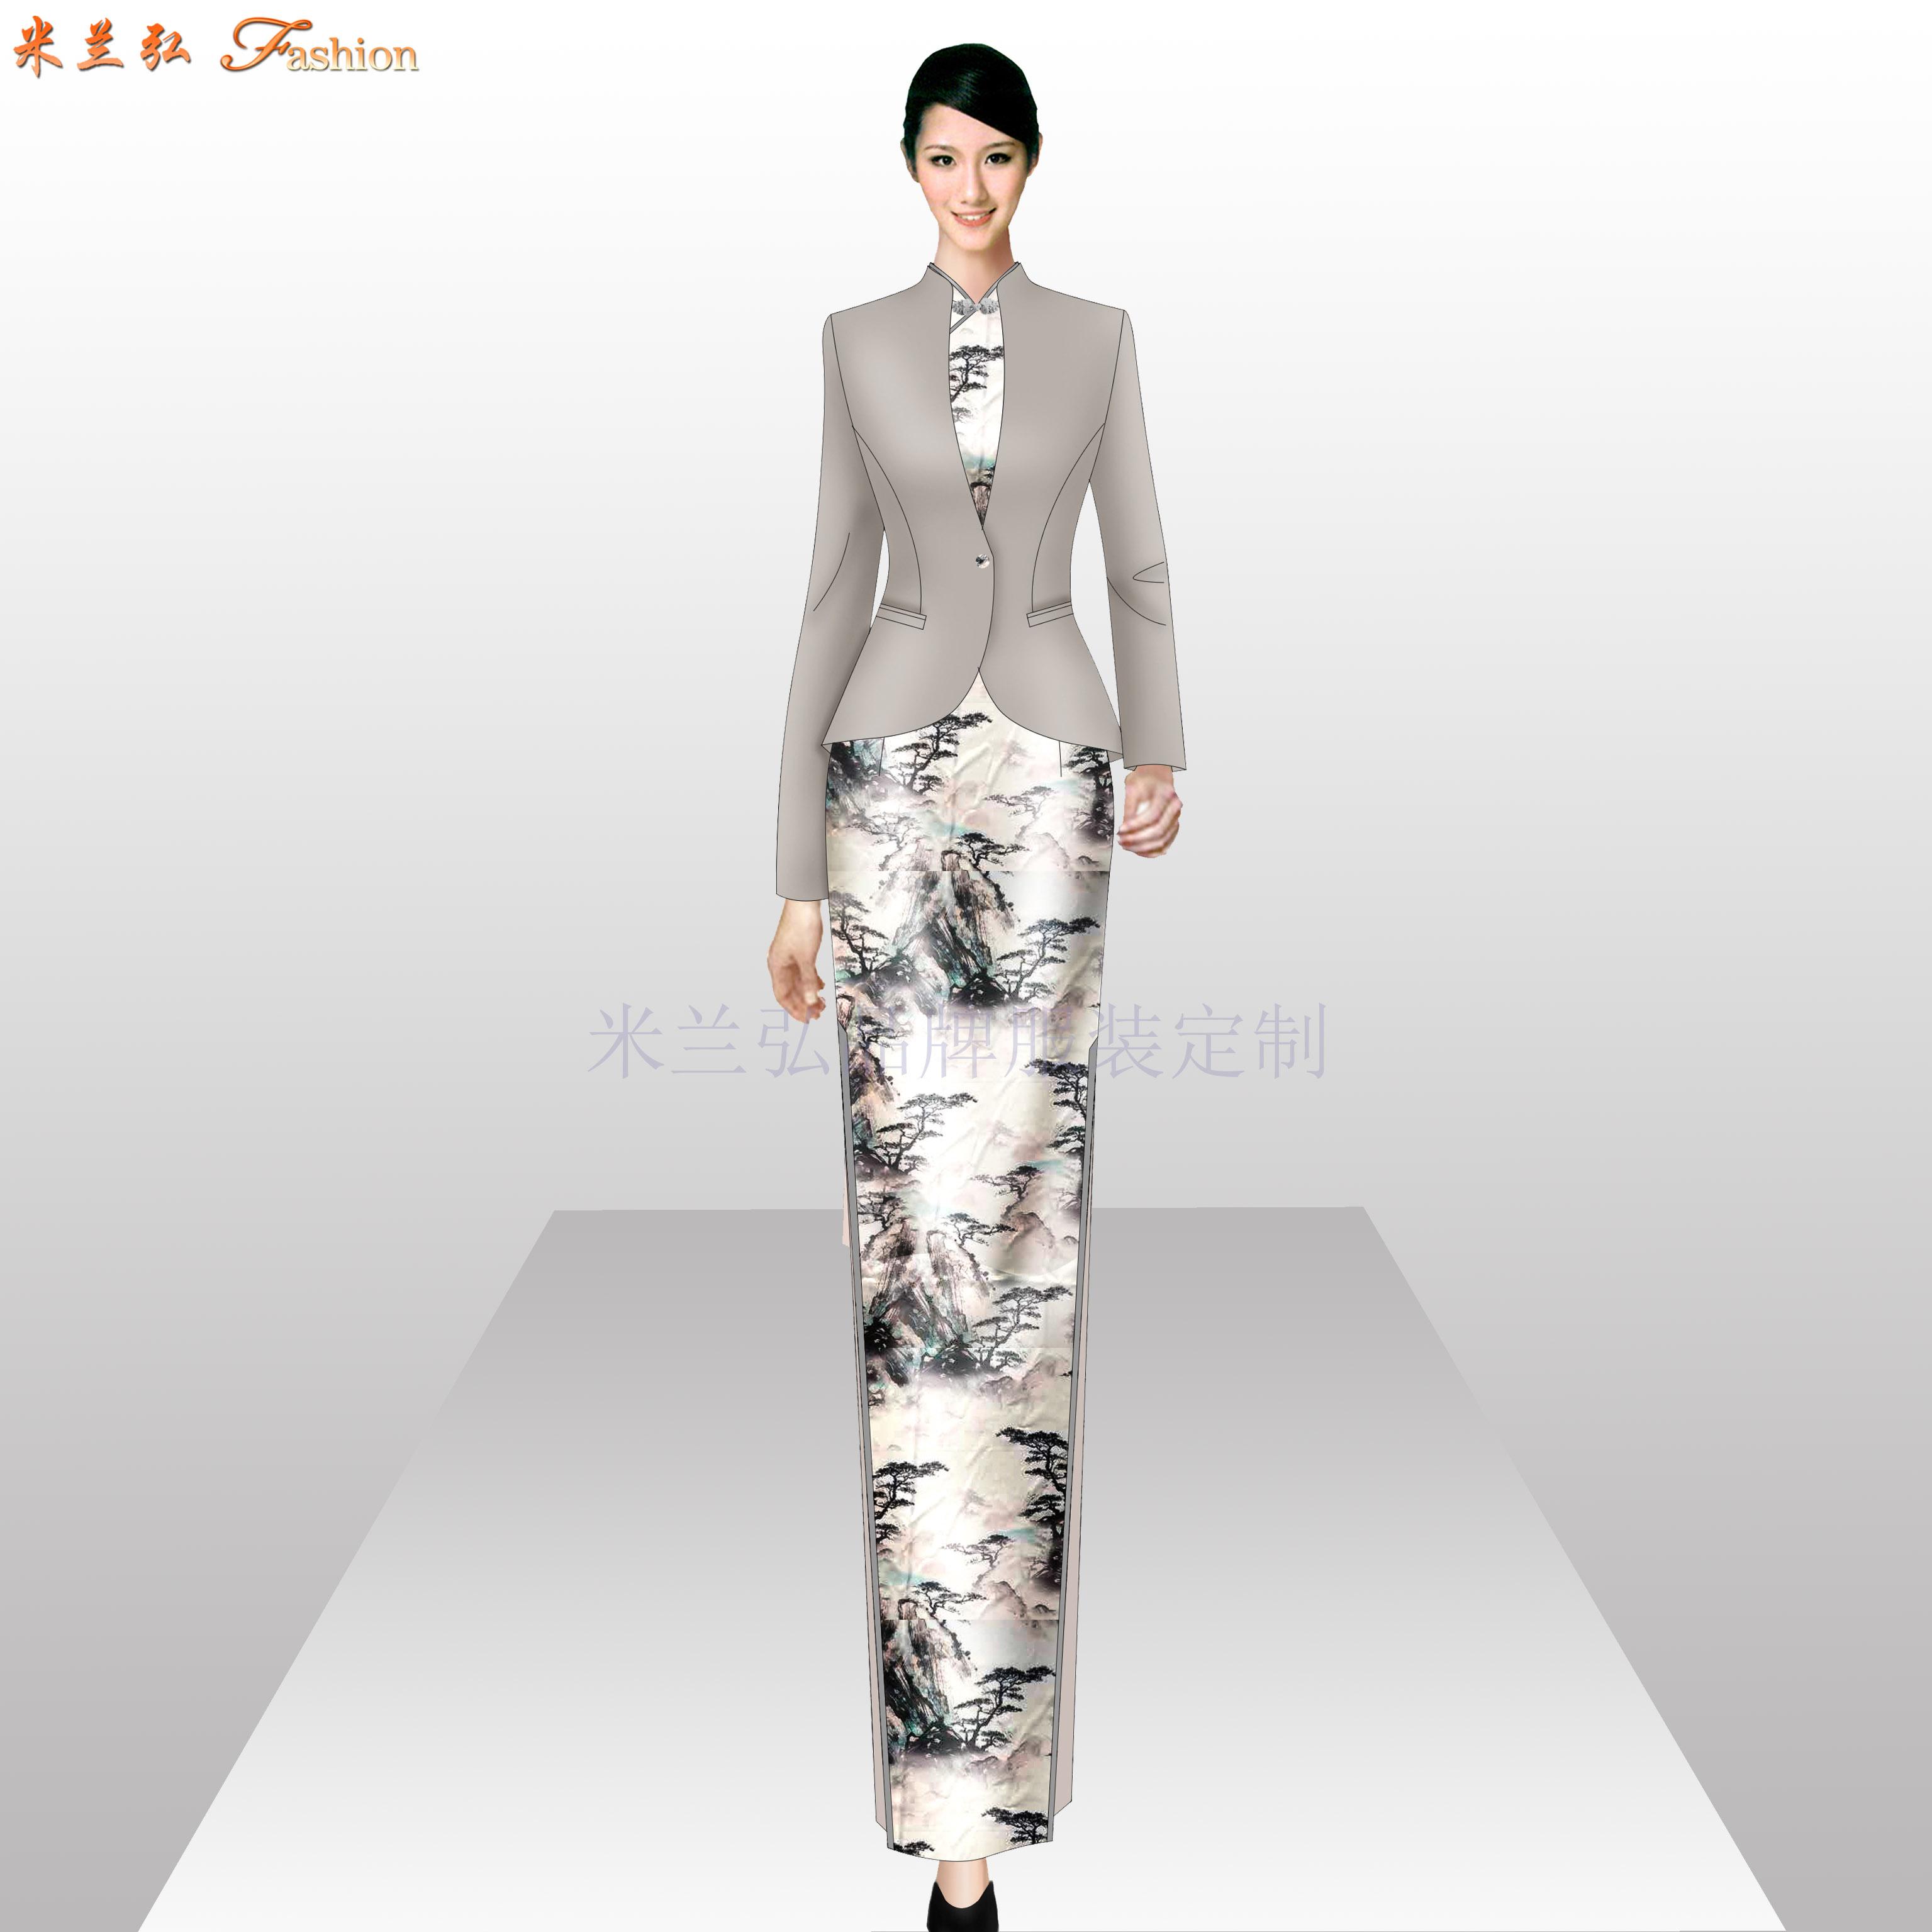 「旗袍高端定制」「旗袍高级订制」-米兰弘品牌服装-2